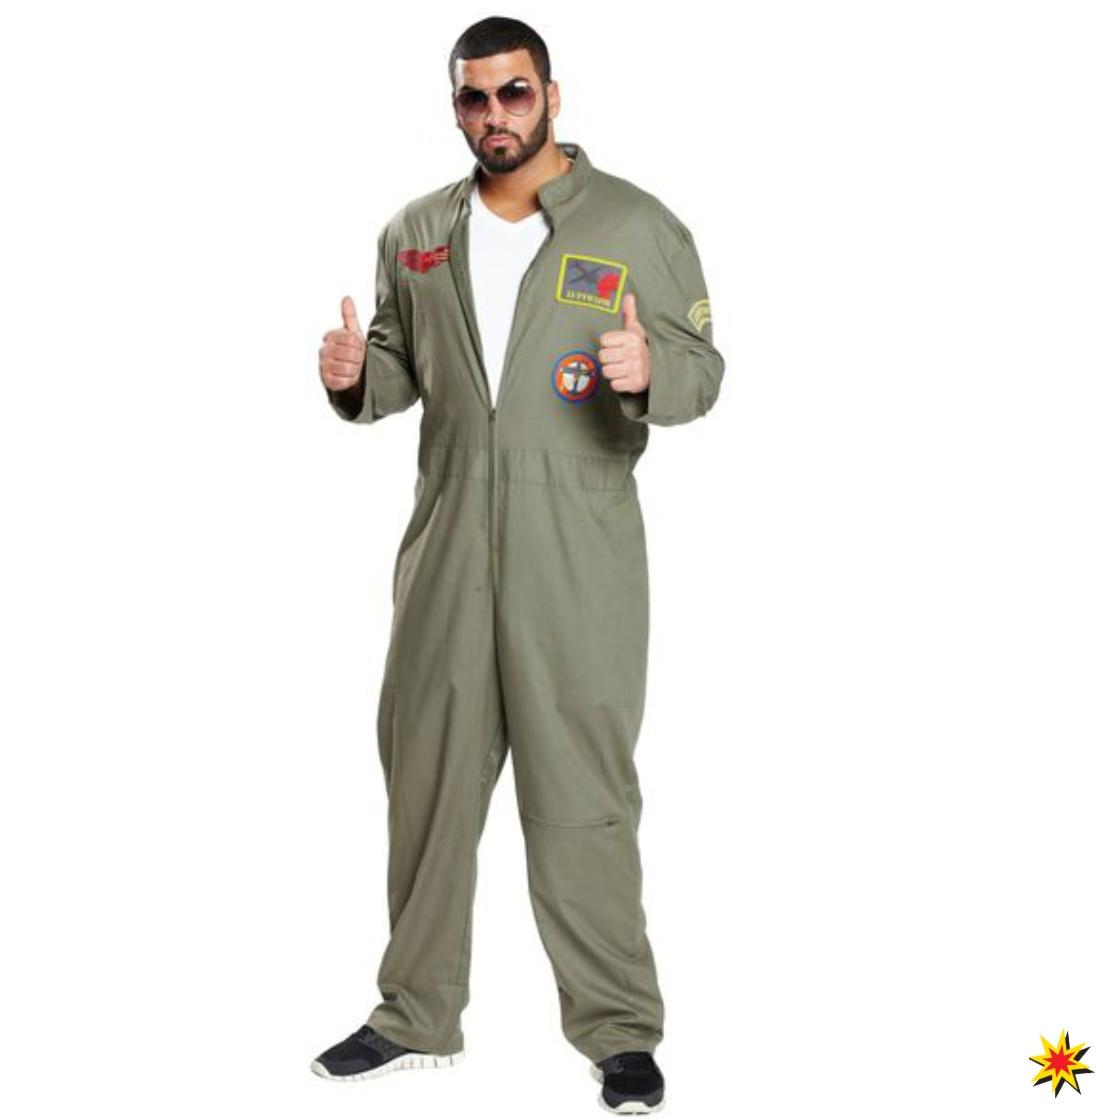 Kampfpilot Kostüm Herren Gr. 48 Overall grün Army Militär Fliegerass Fasching Karneval Mottoparty